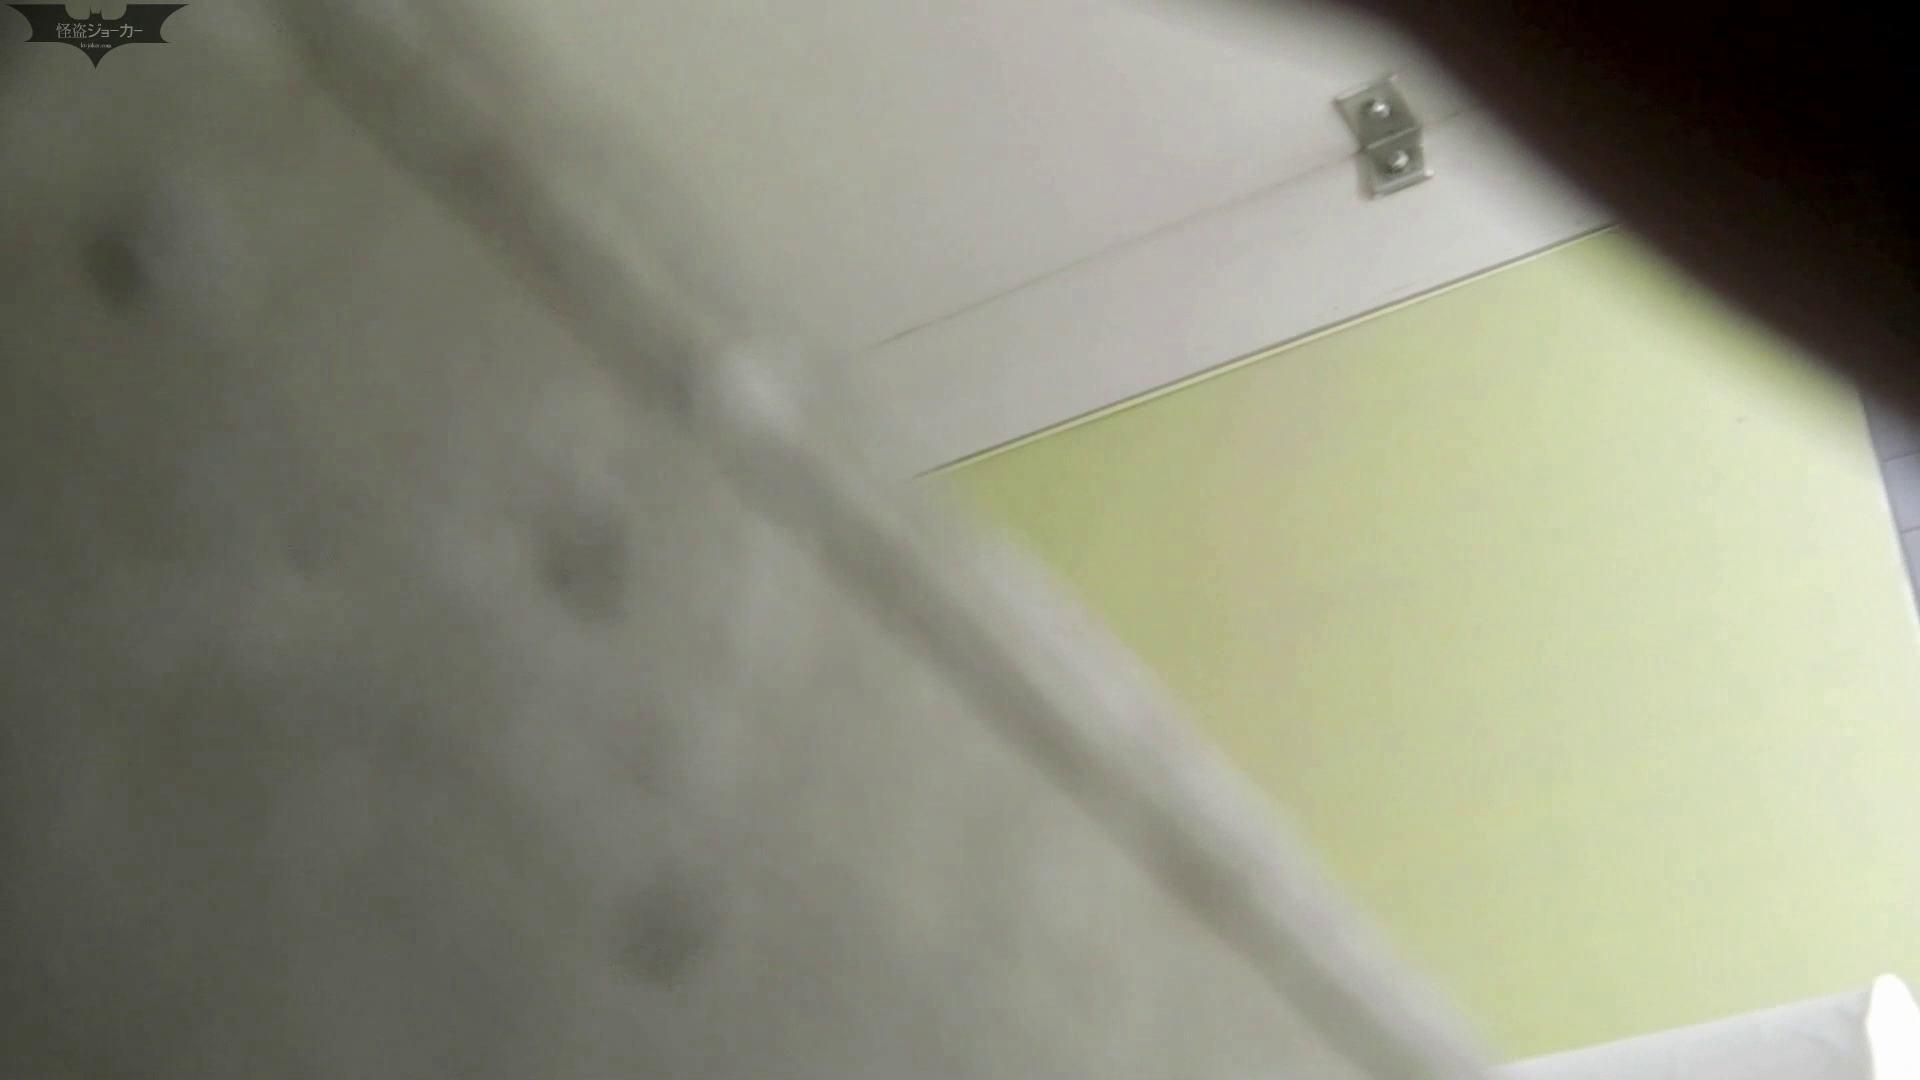 洗面所特攻隊 vol.64 運動不足?繊維不足?いやいや水分不足? 洗面所 | 色っぽいOL達  102pic 55